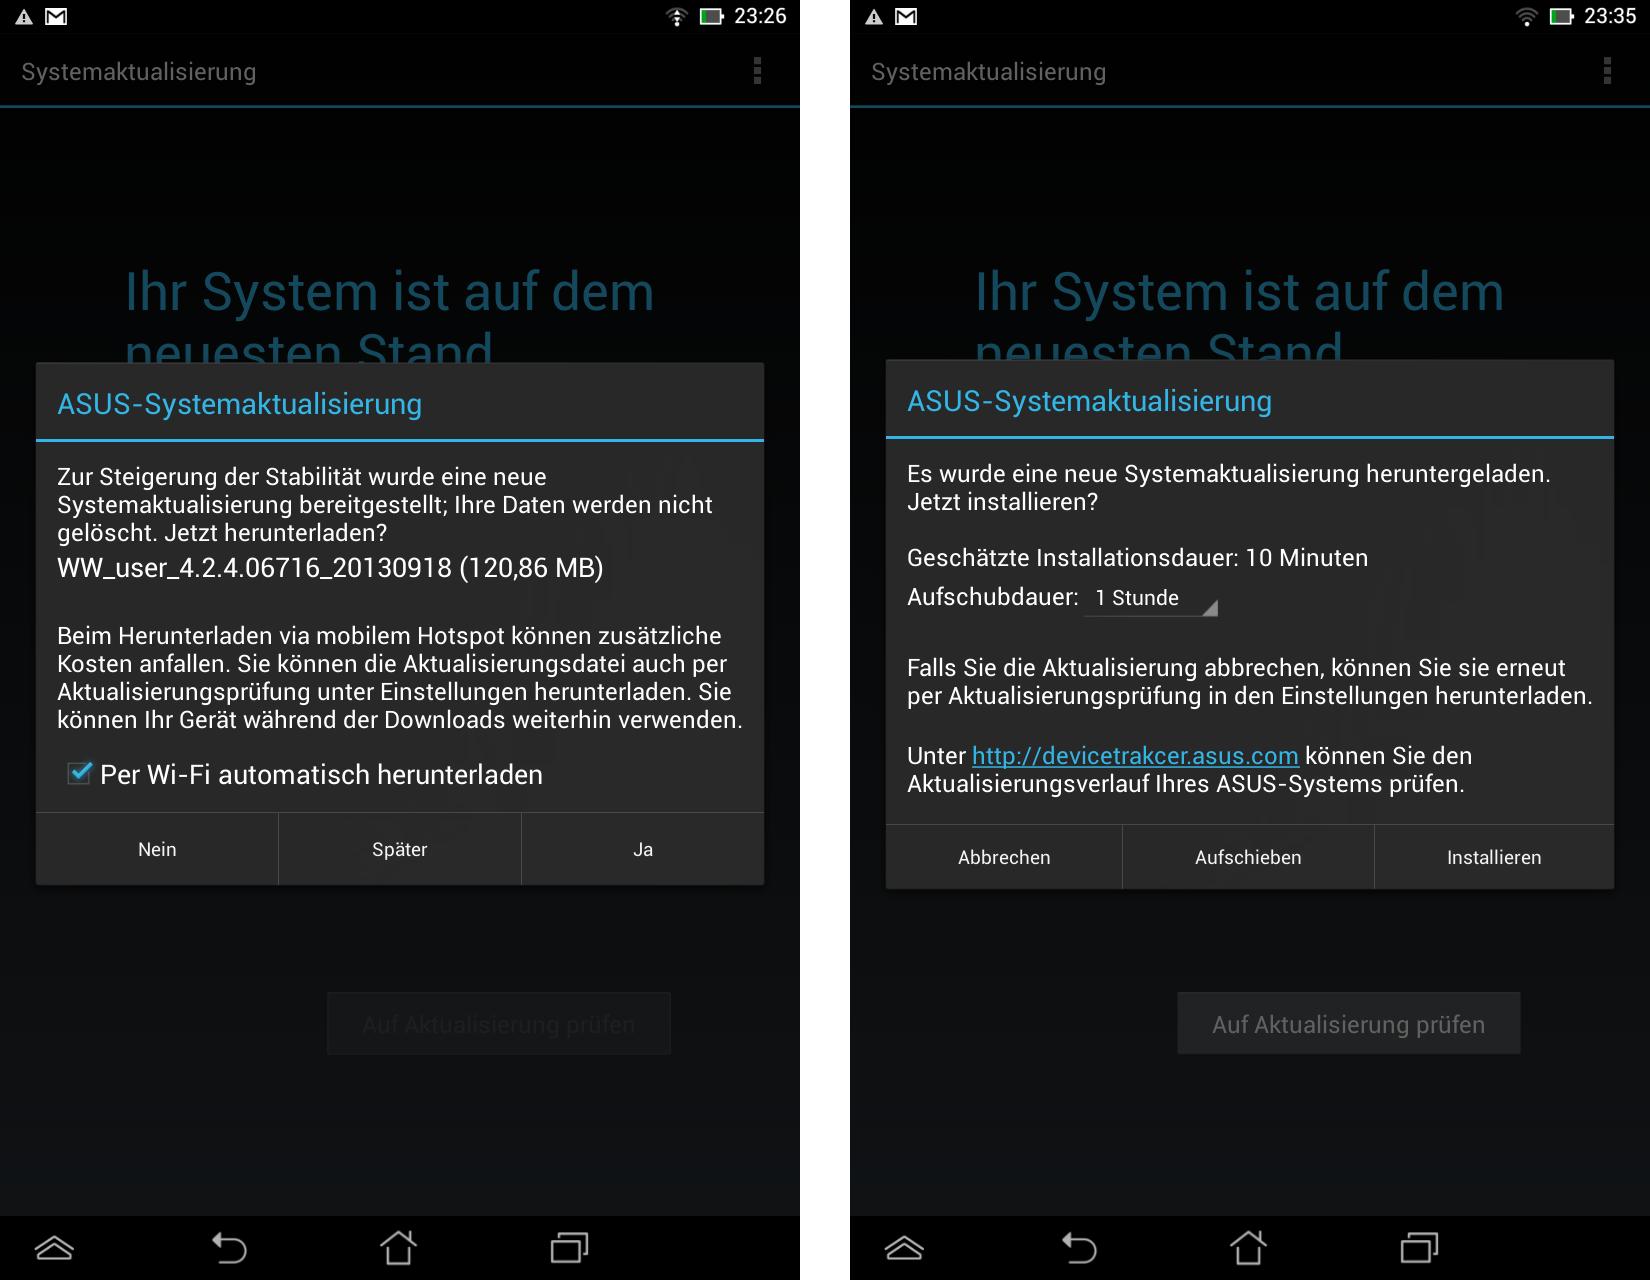 ASUS MeMO Pad HD 7: Android 4 2 2 und diverse Neuerungen per